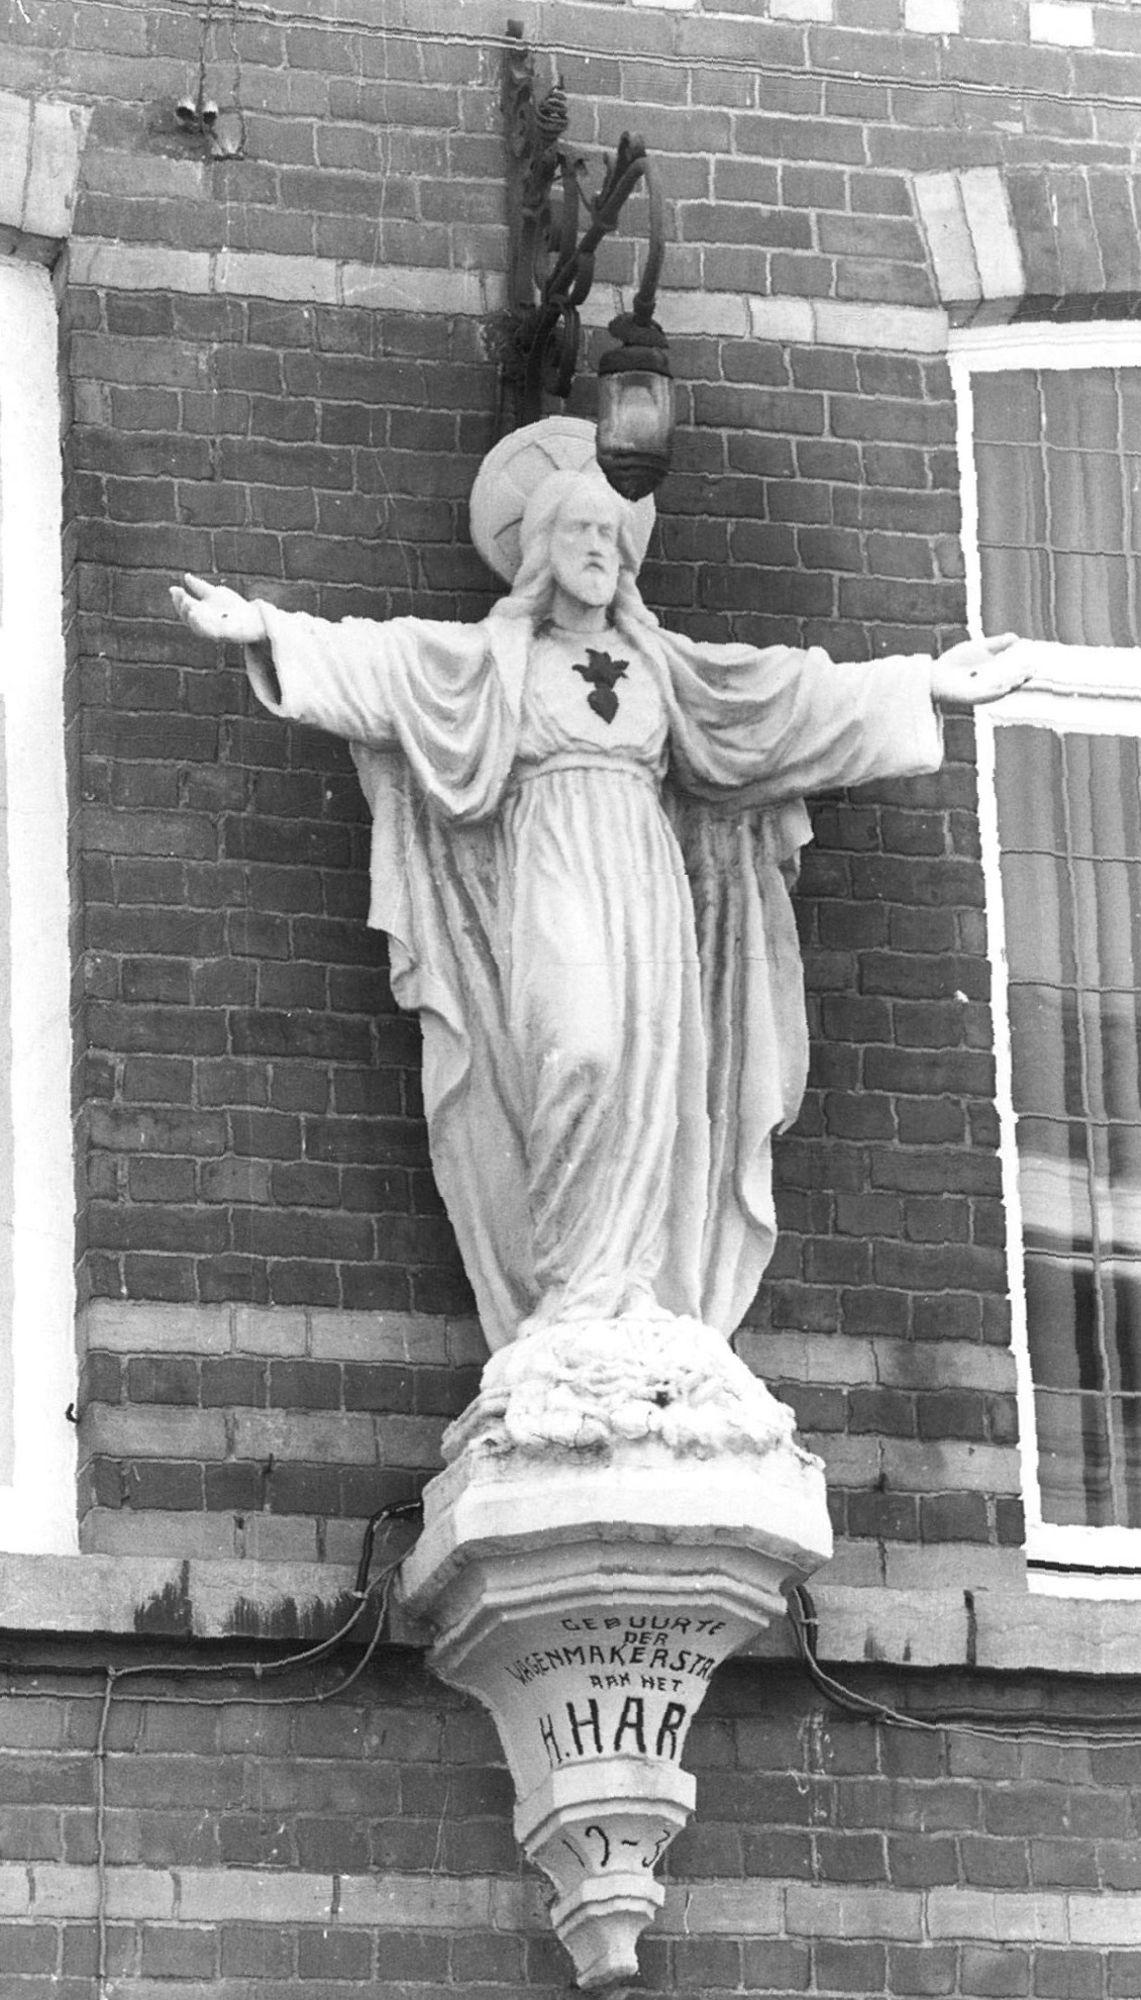 Heilig-Hartbeeld in de Wagenmakersstraat 1988